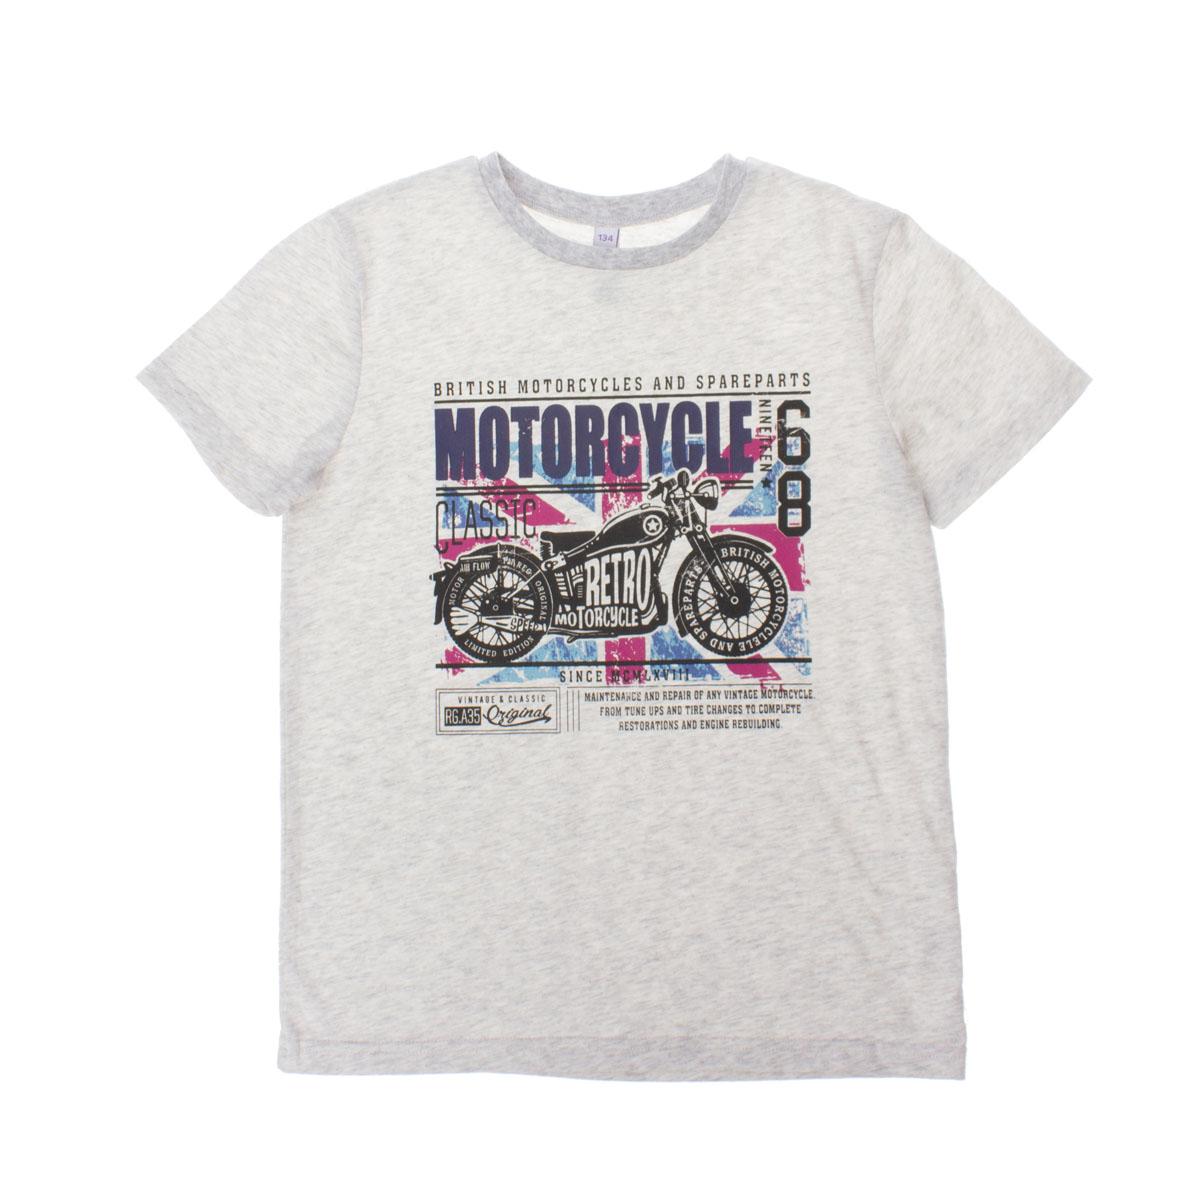 263007Мягкая хлопковая футболка цвета серый меланж. Воротник на резинке. Украшена резиновым принтом с мотоциклом.